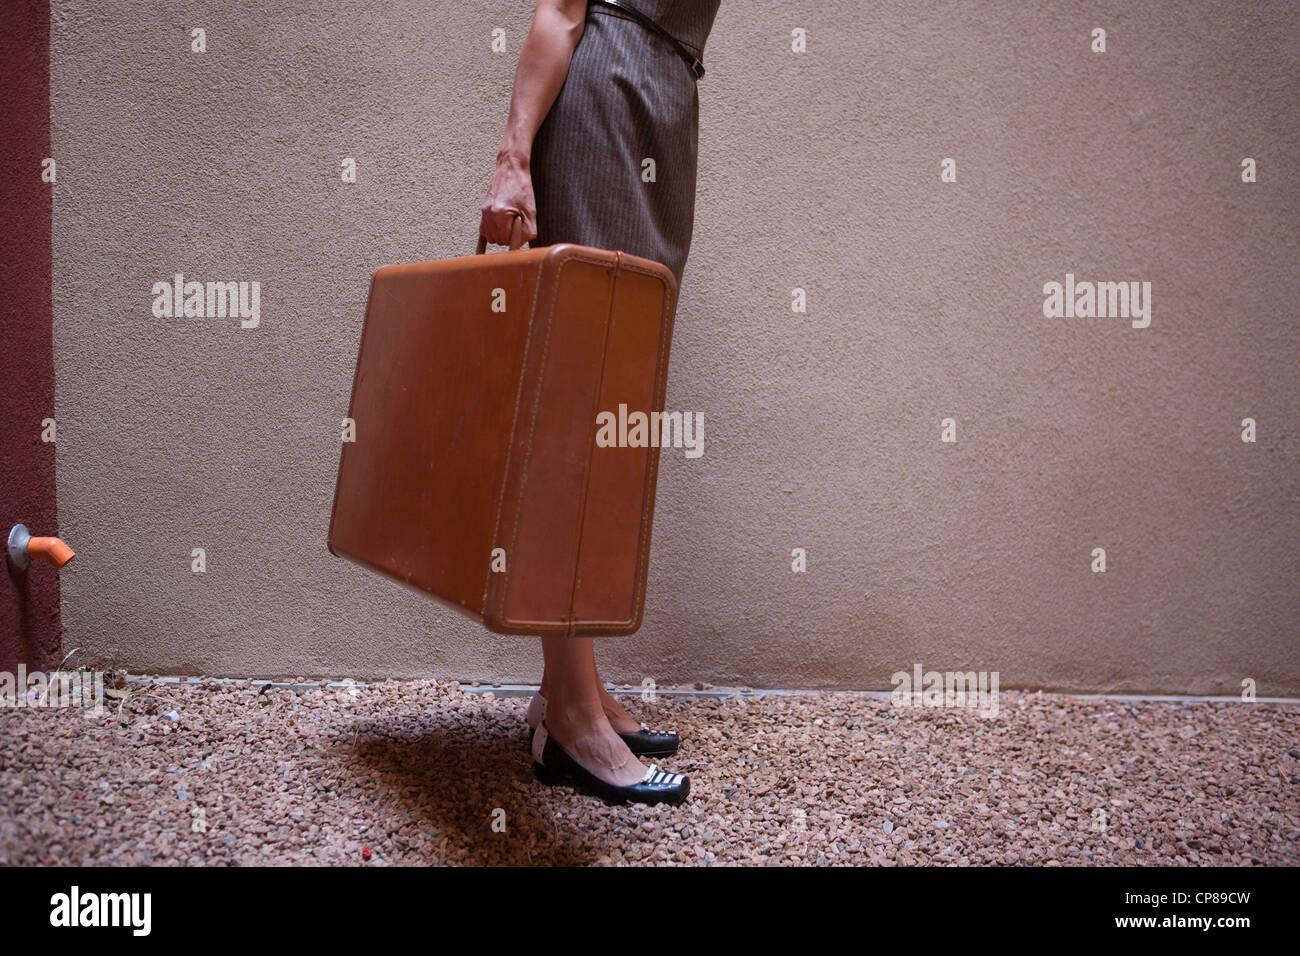 La donna che porta una valigia vintage. Immagini Stock